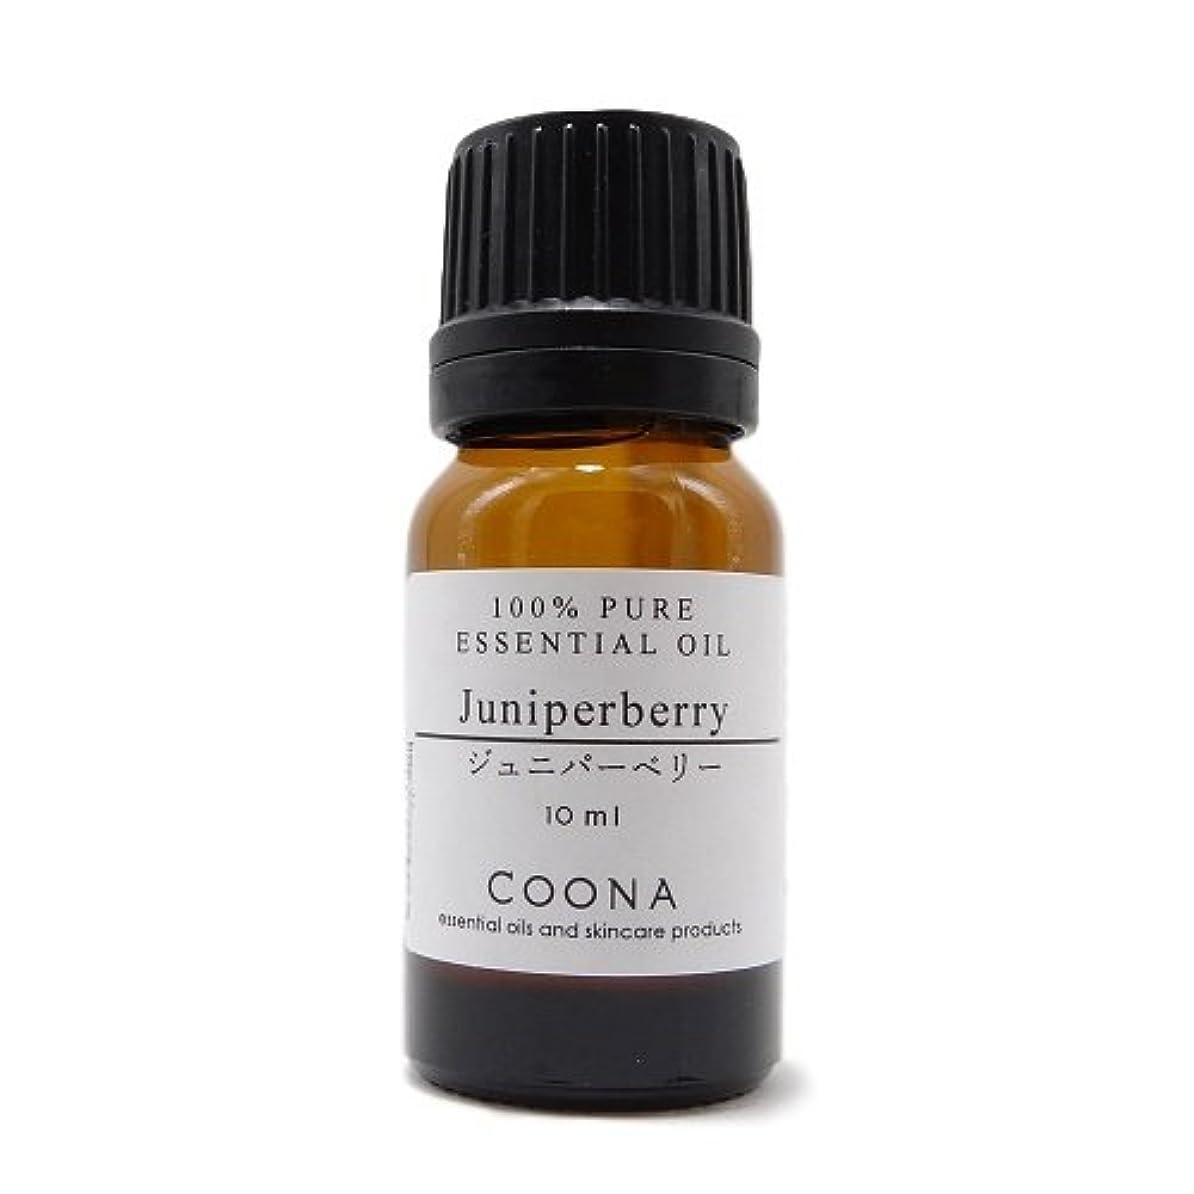 期待してキノコ発生するジュニパーベリー 10 ml (COONA エッセンシャルオイル アロマオイル 100%天然植物精油)